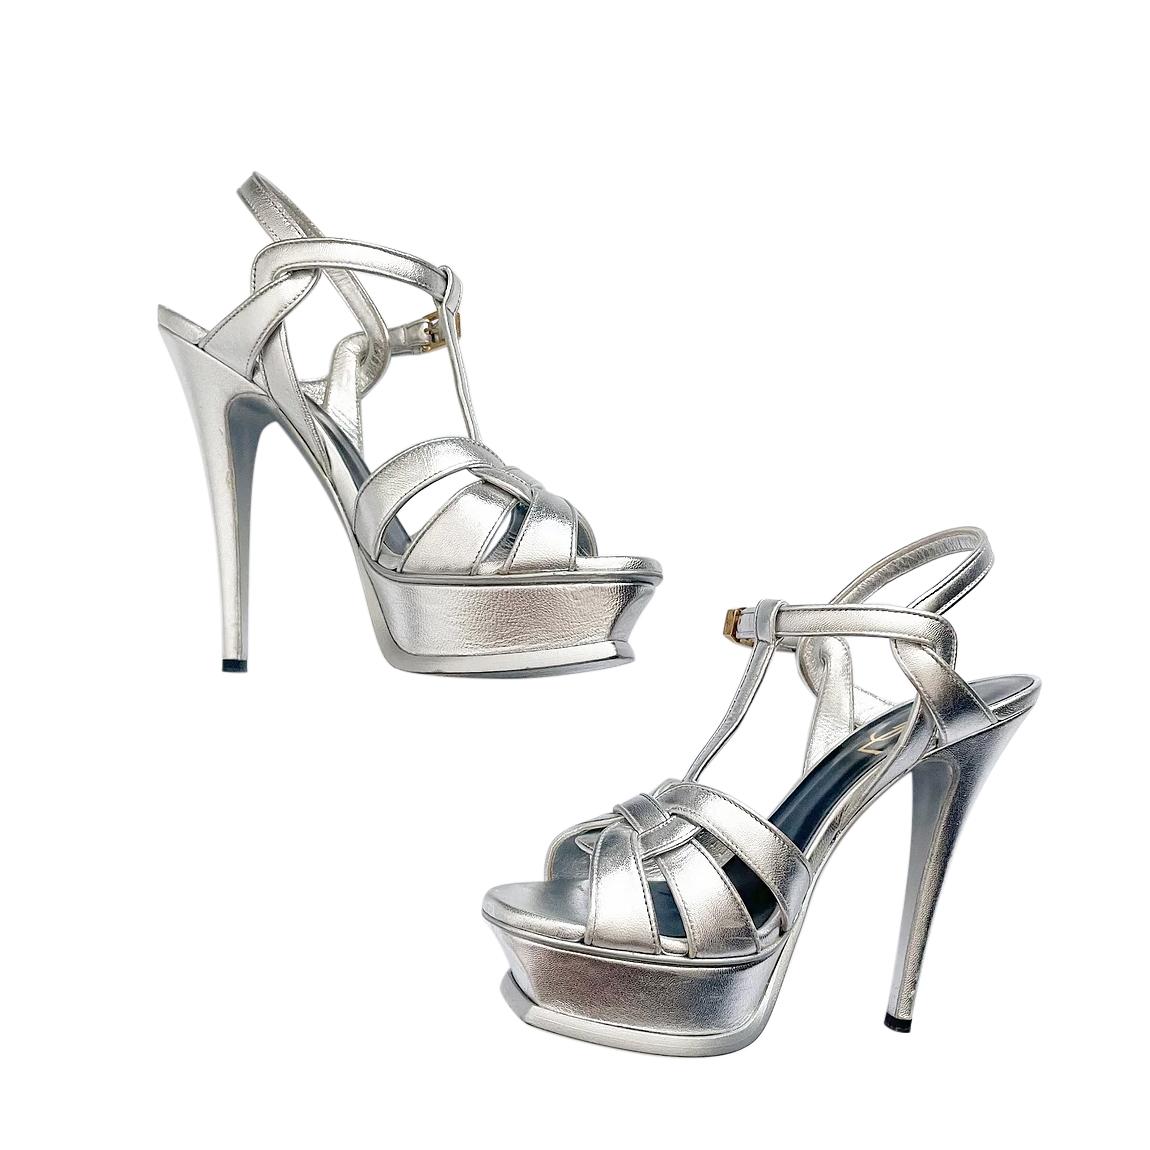 Saint Laurent Silver Platform Tribute Sandals